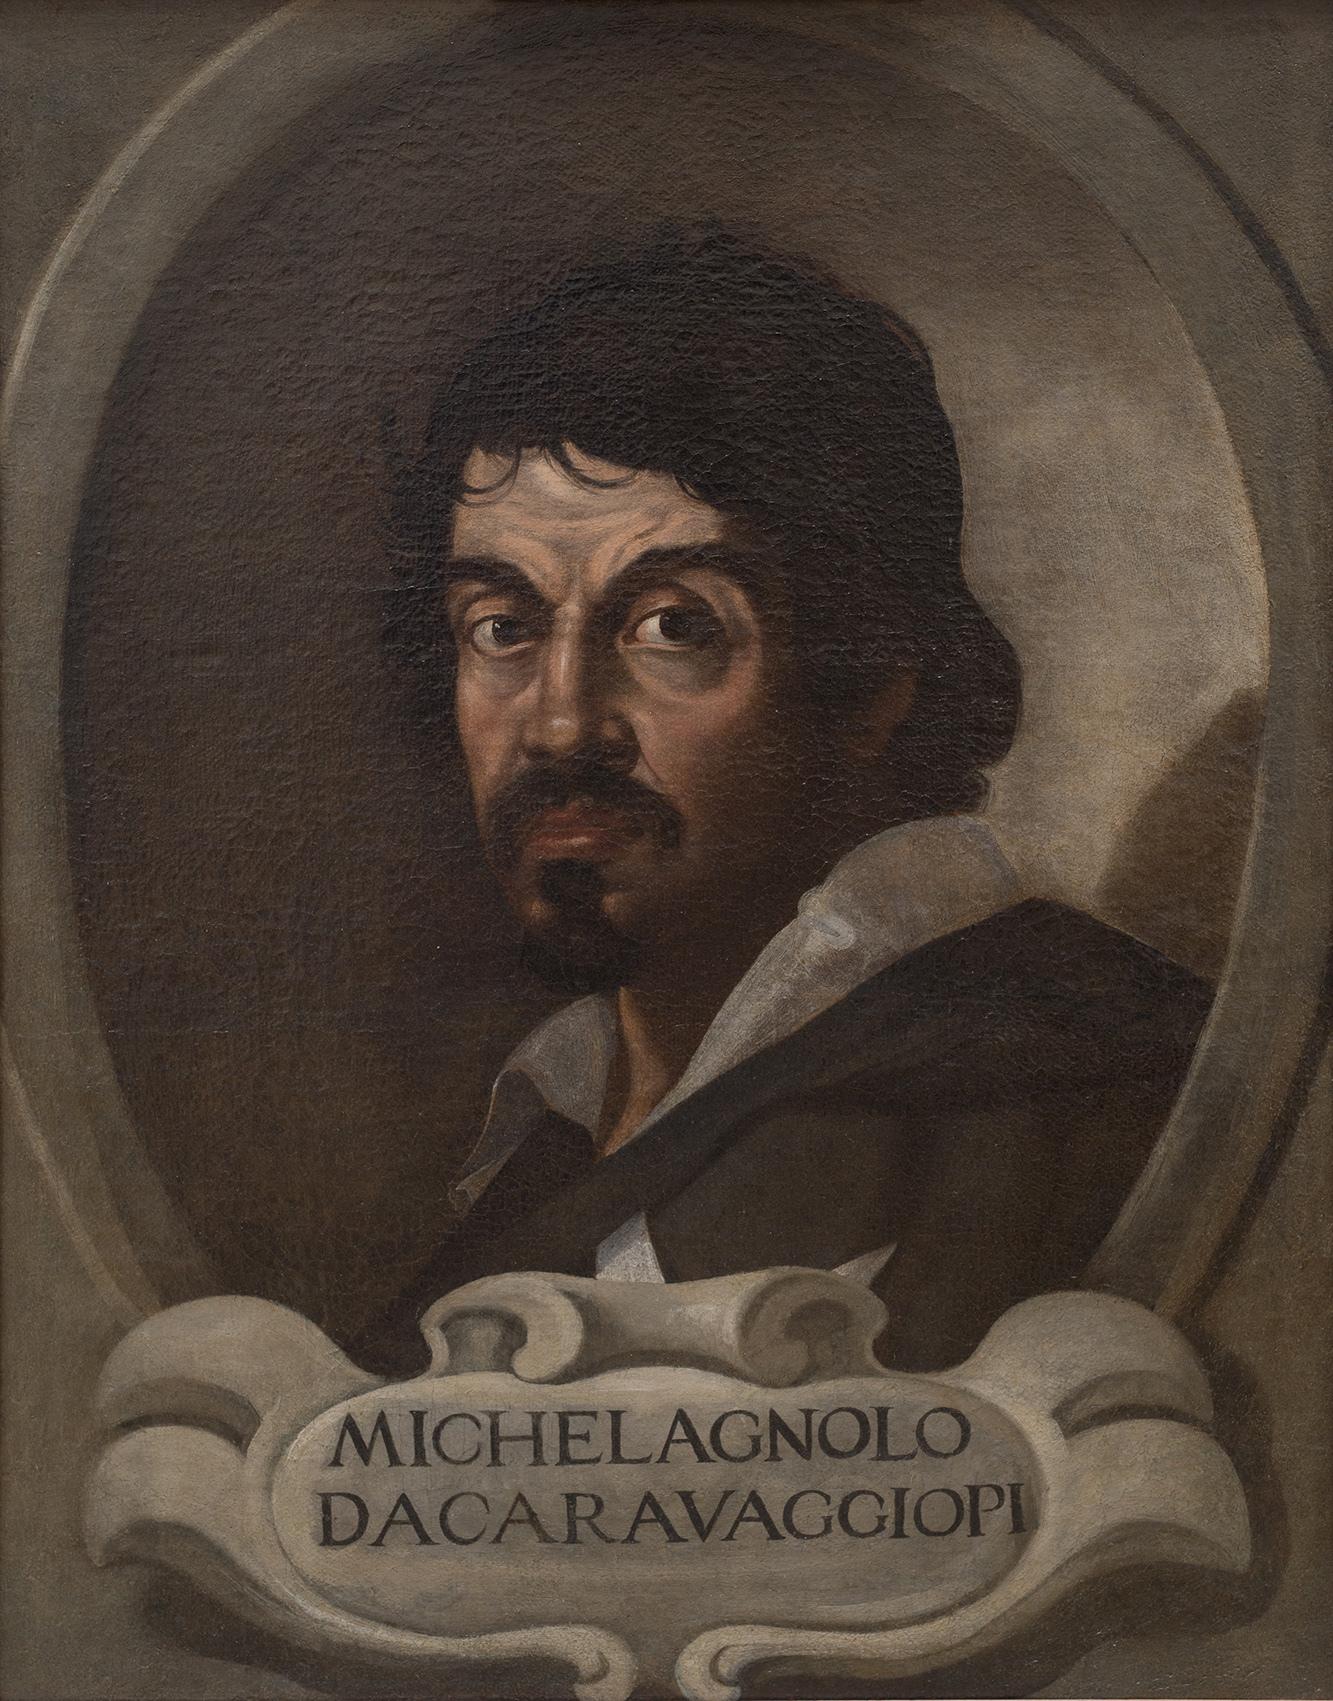 作者不詳 《カラヴァッジョの肖像》 1617年頃 ローマ、サン・ルカ国立アカデミー Roma, Accademia Nazionale di San Luca